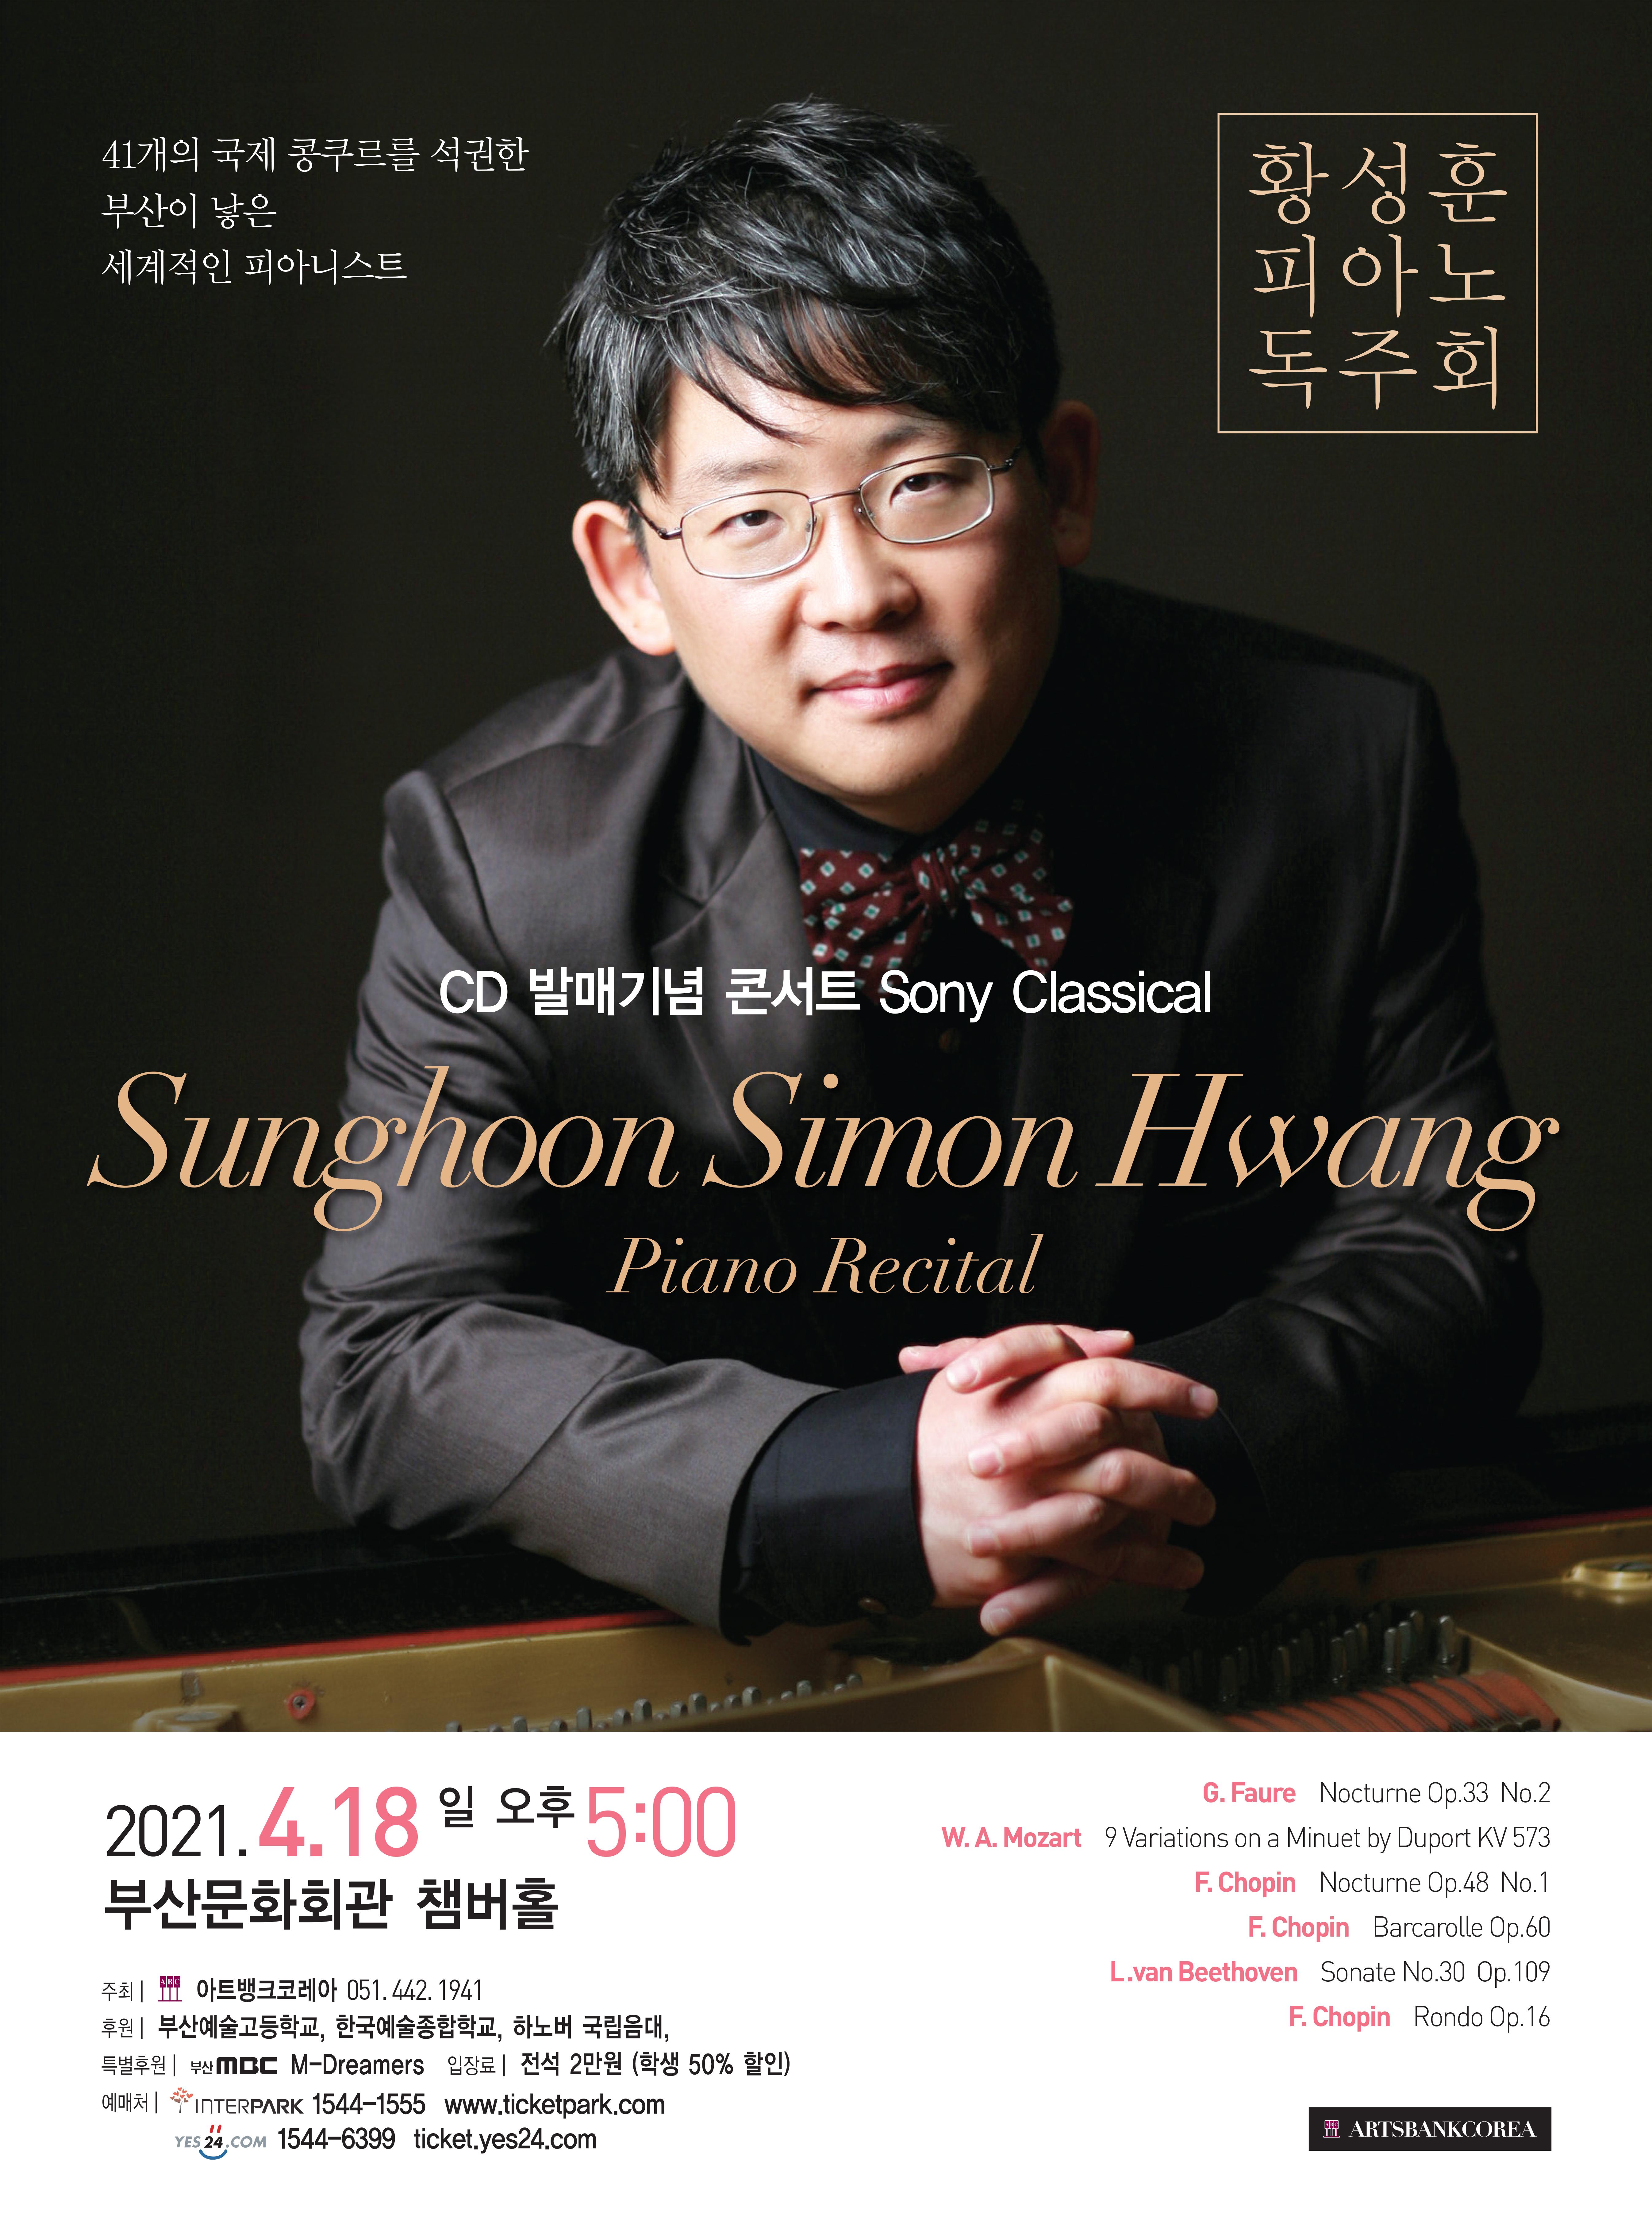 황성훈 피아노 리사이틀